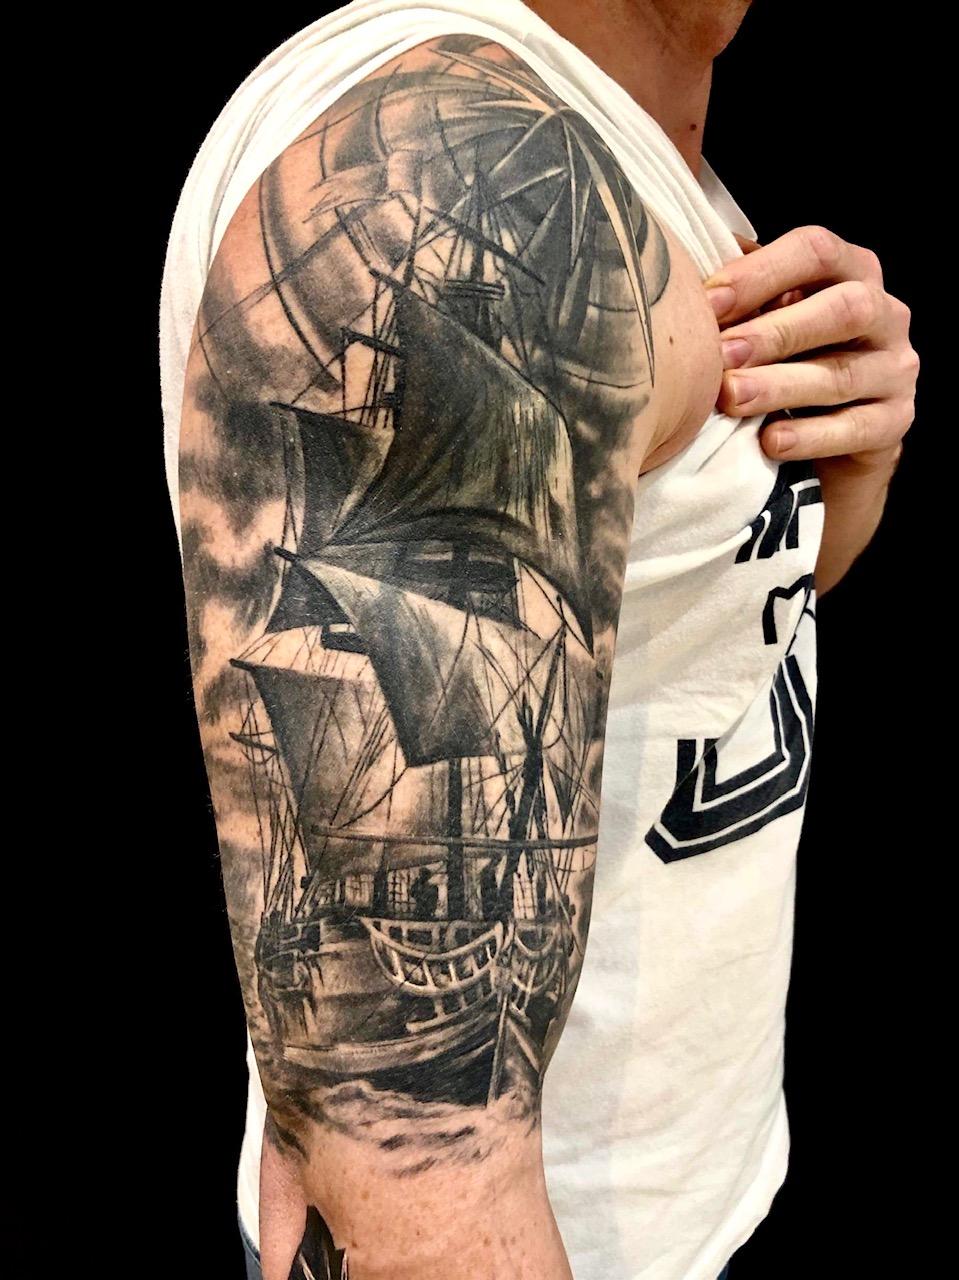 realistische tätowierung tattoo realism münchen munich laszlo tattoo anansi artist best beste bestes bester tgd